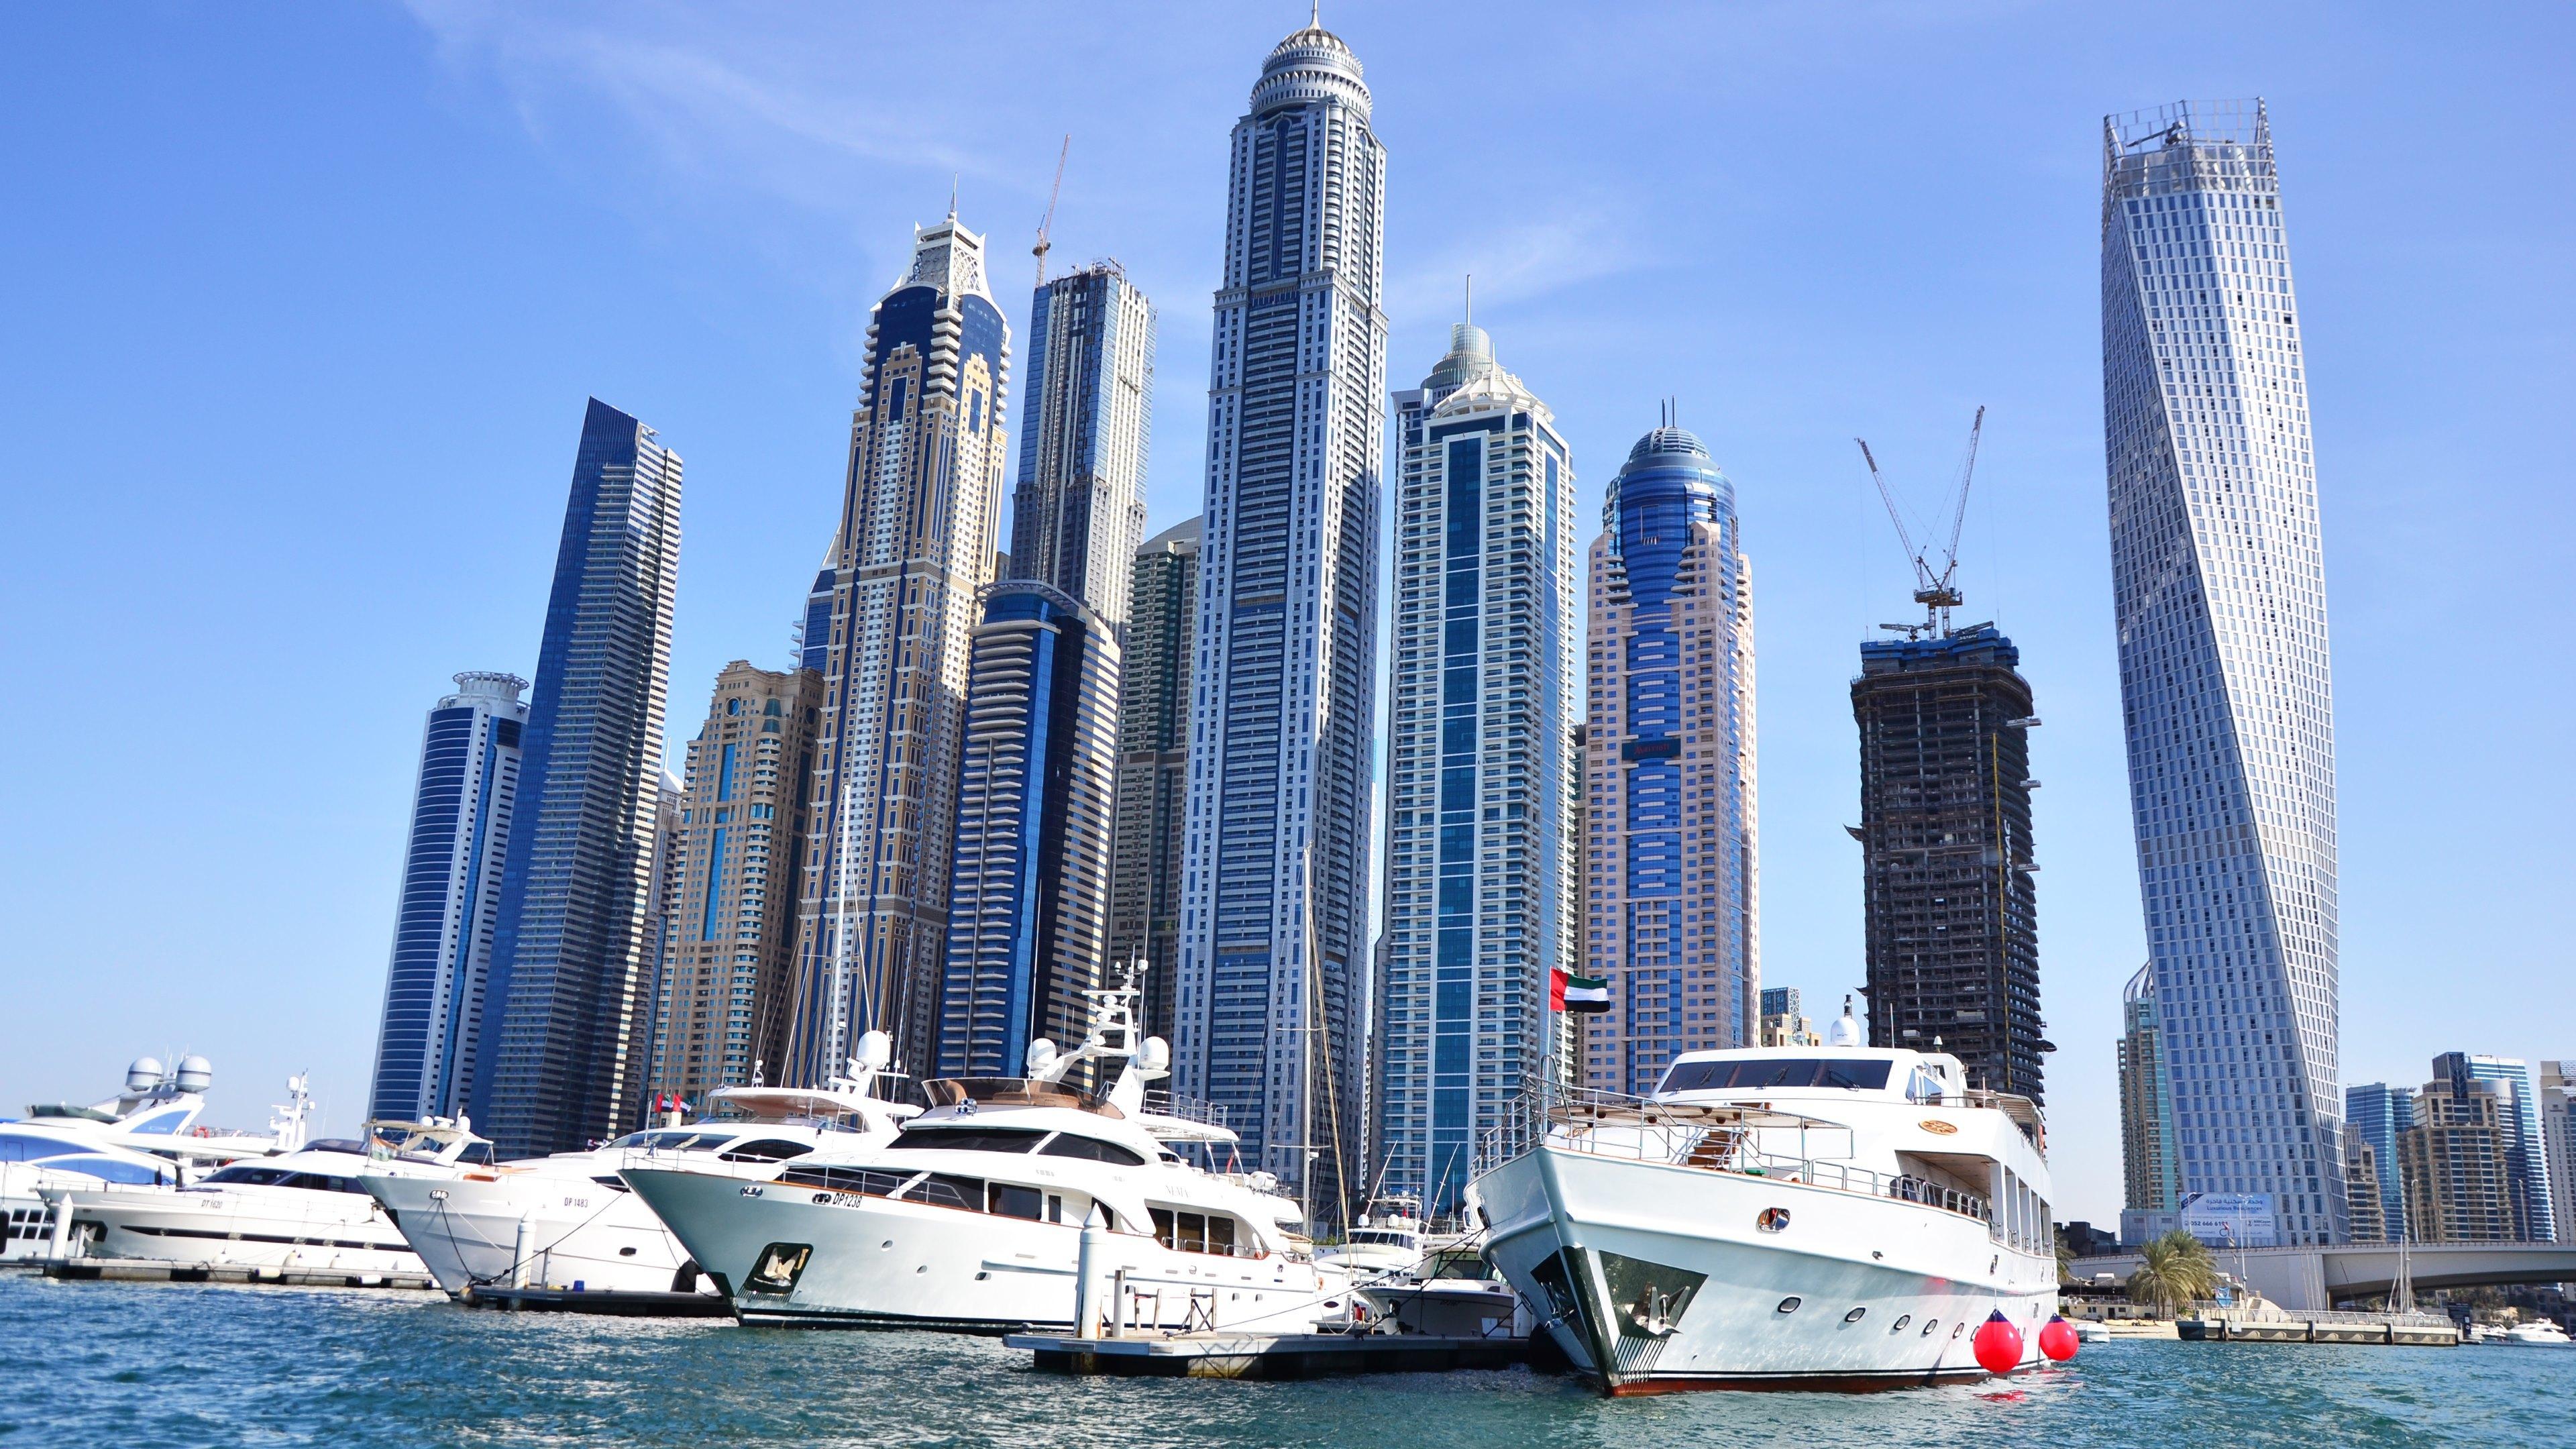 страны архитектура небоскреб рассвет Дубаи объединенные арабские эмираты  № 2209975 без смс